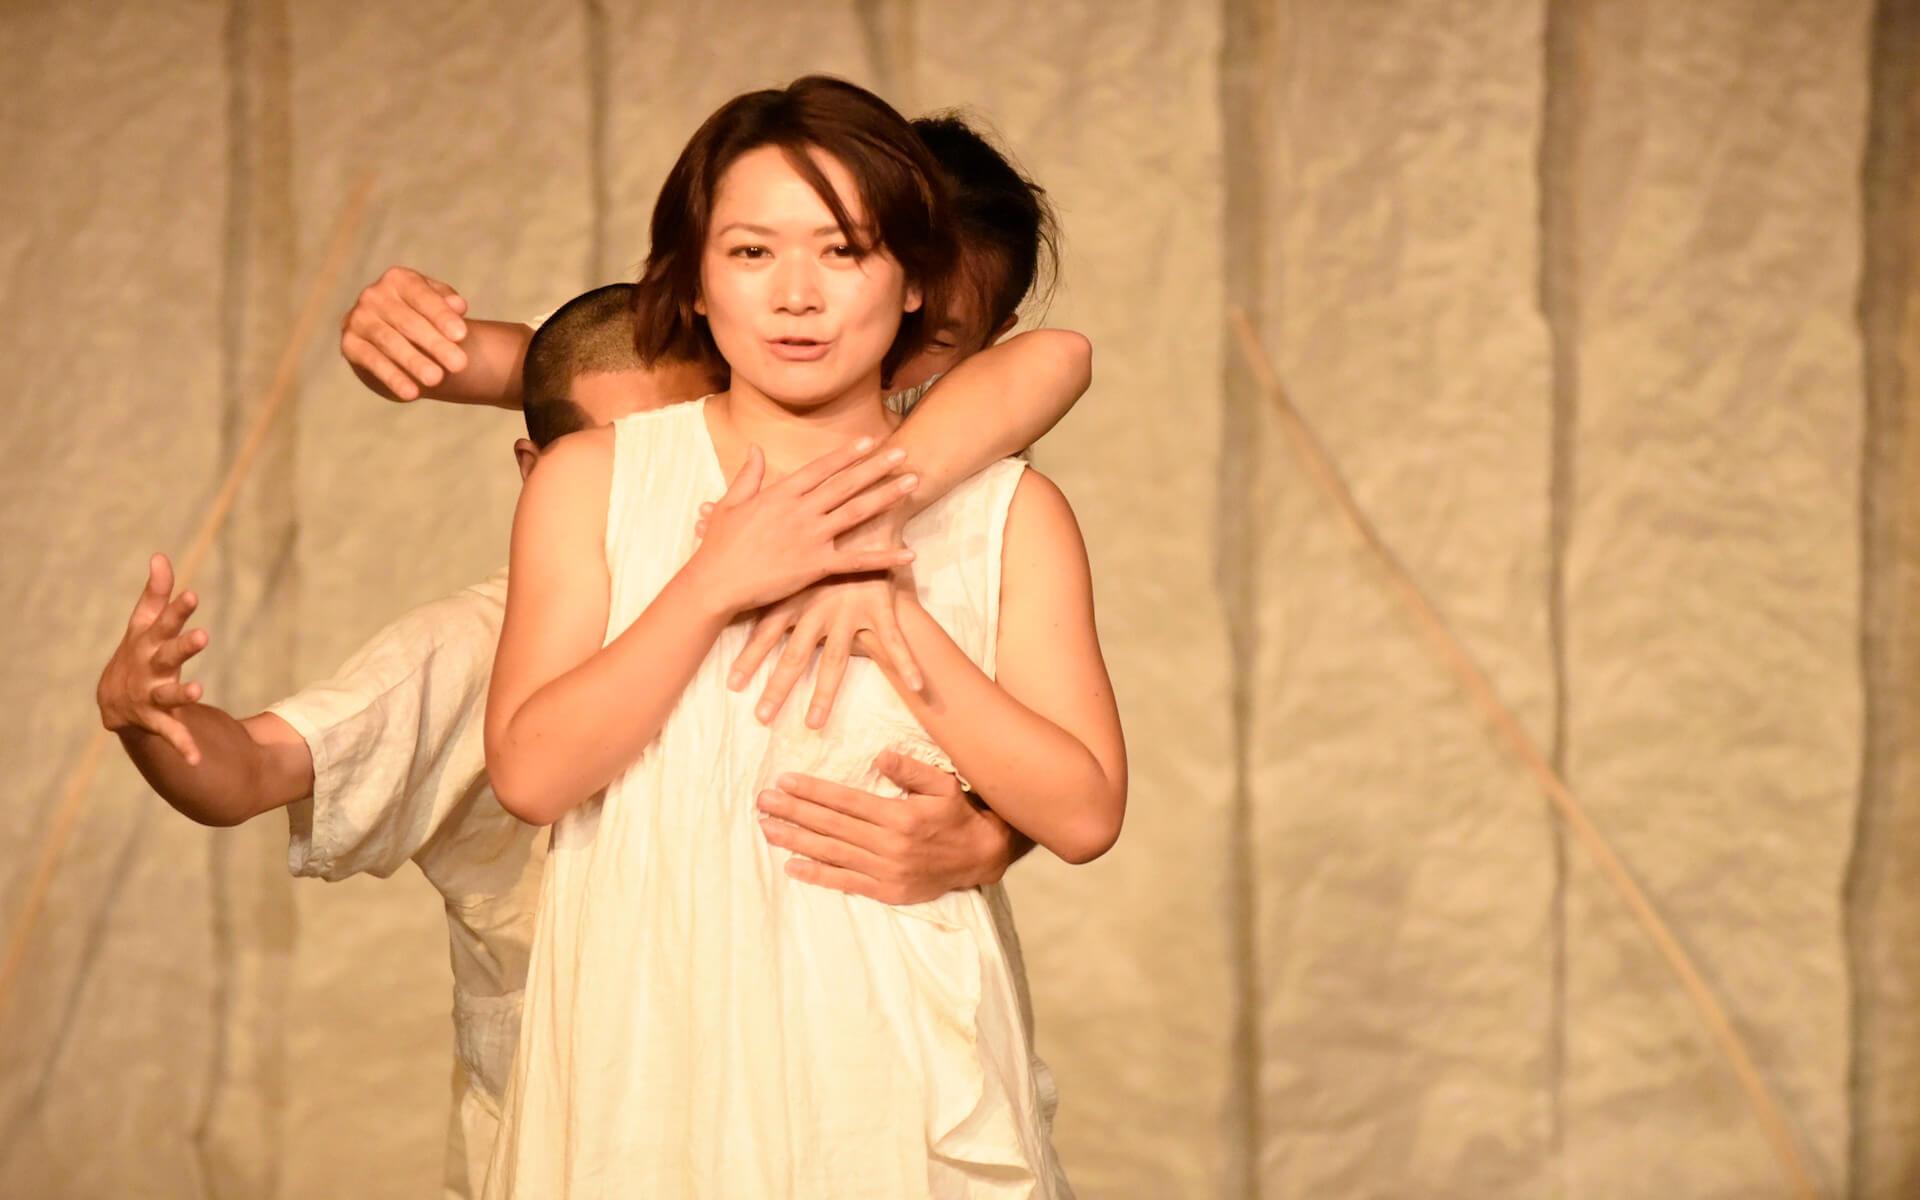 舞台で演じる浜田あゆみさん